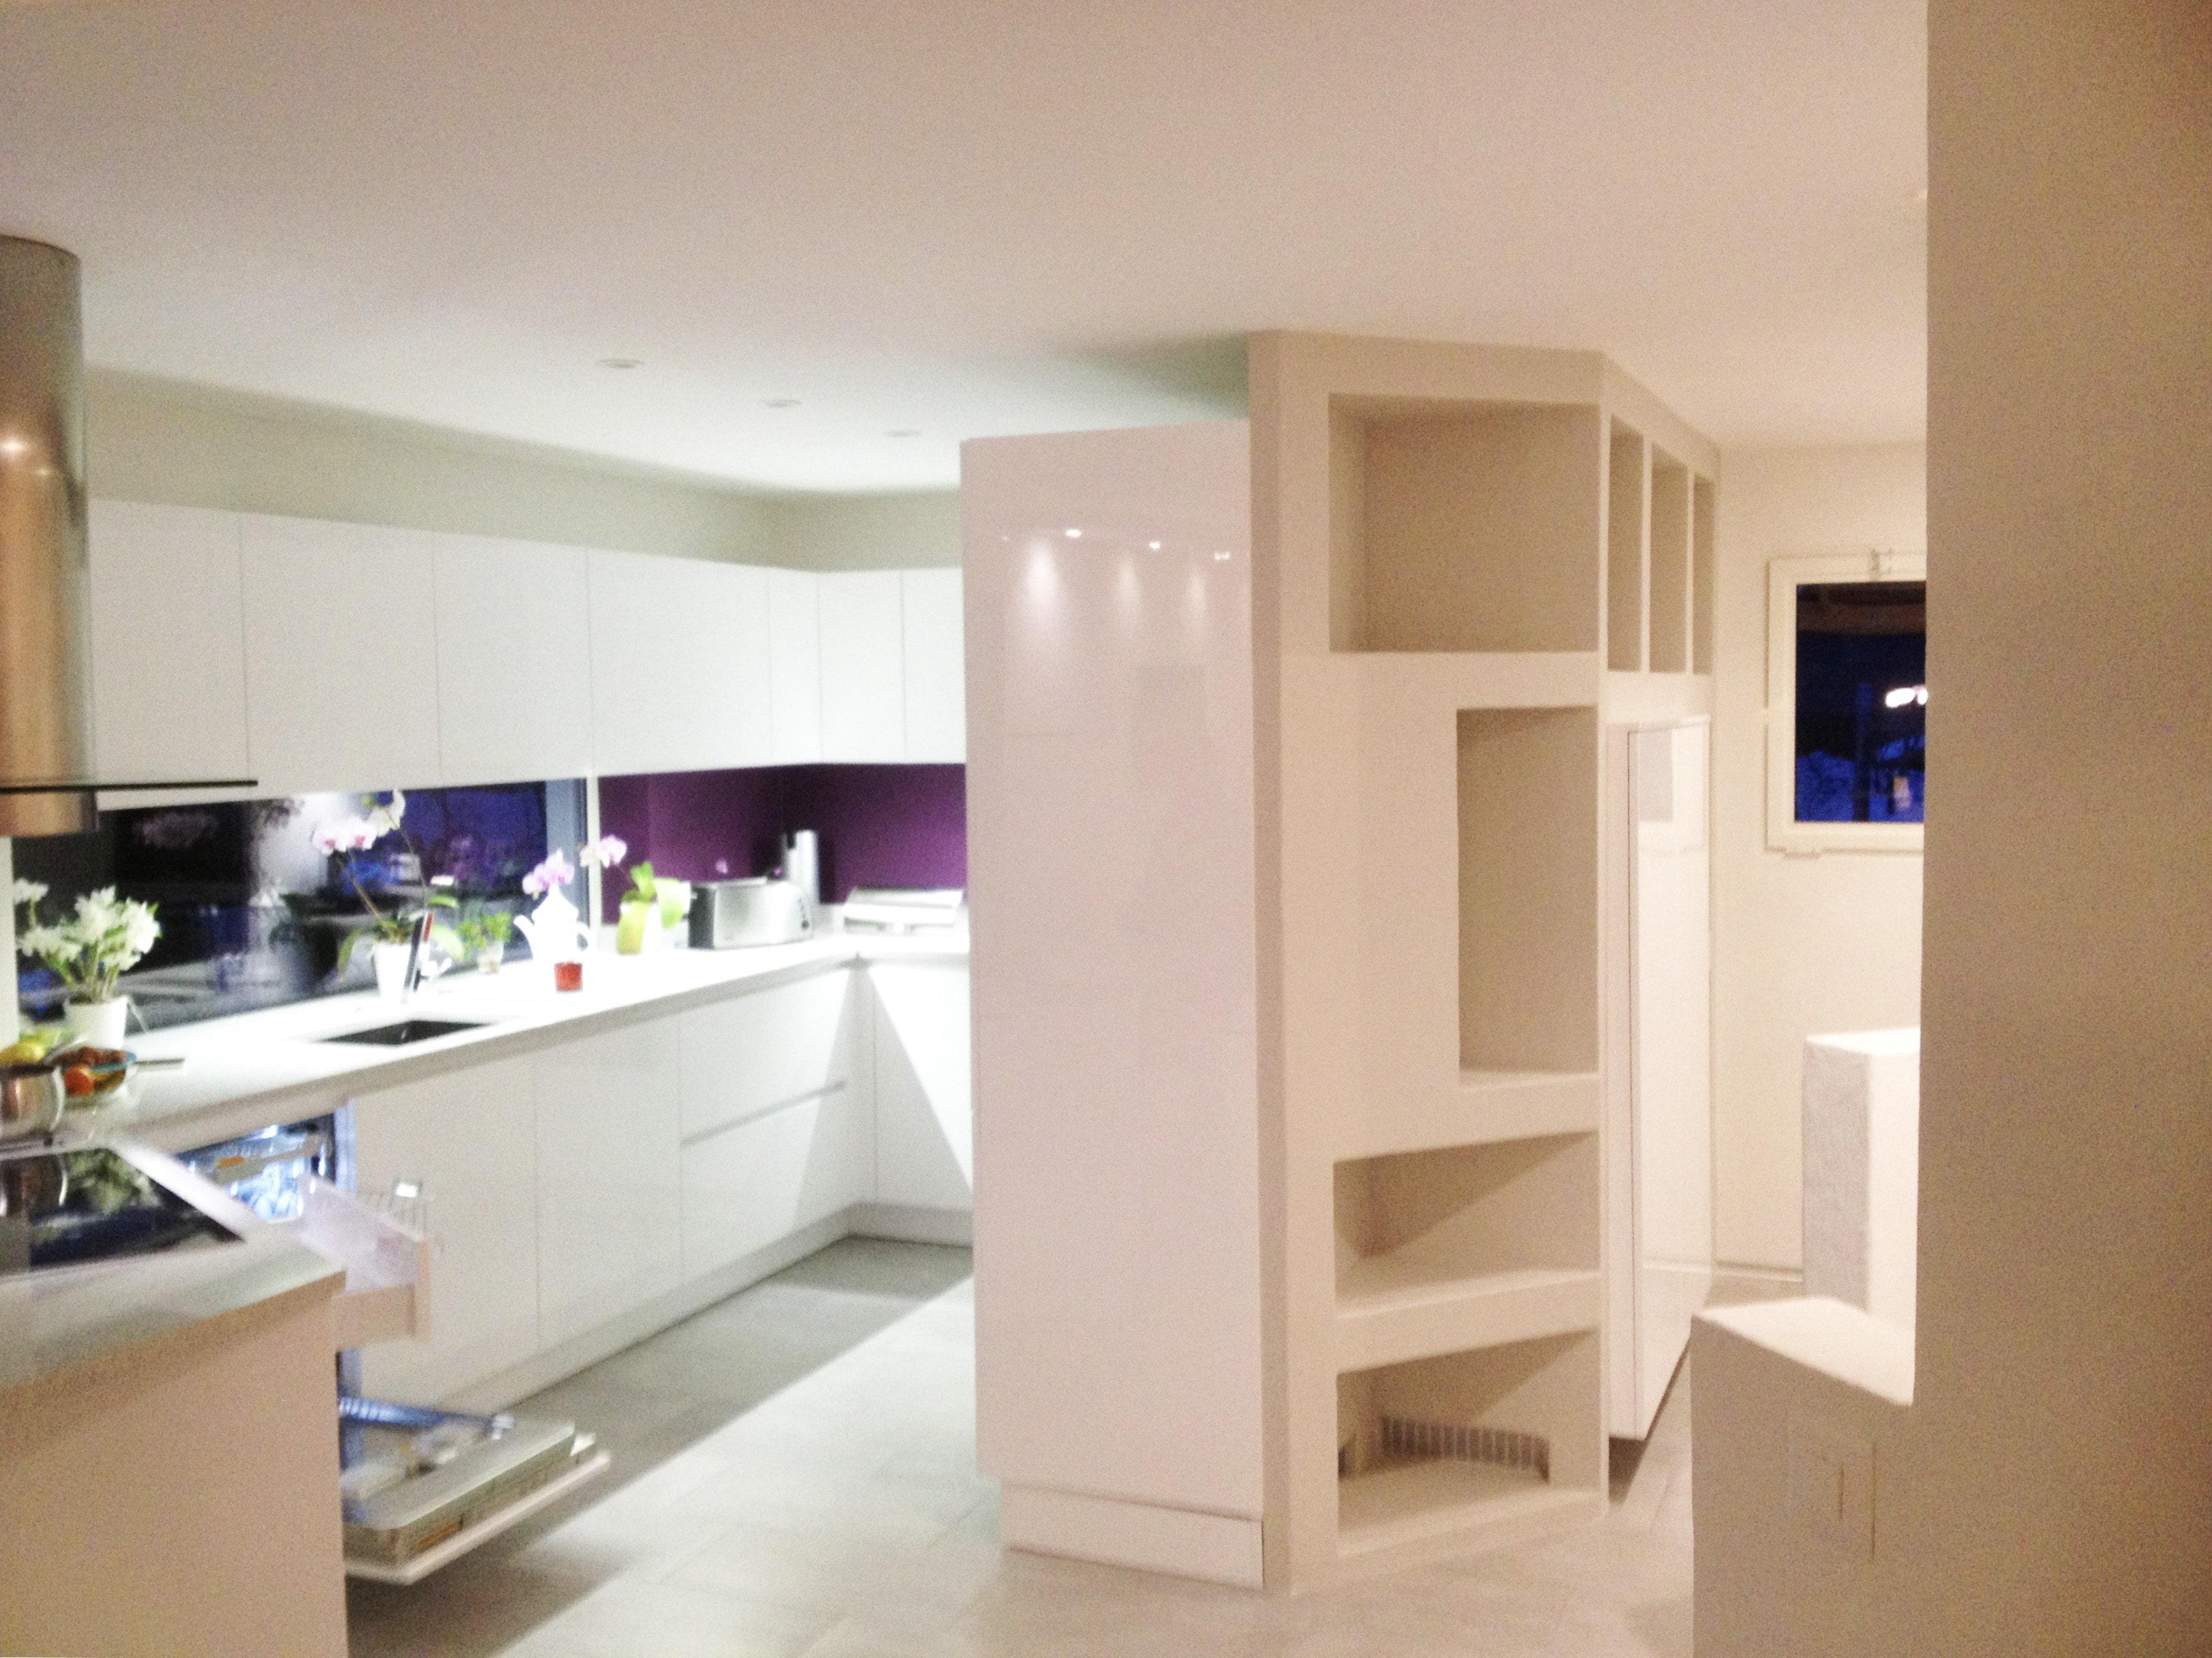 C2-cuisine-deco-interieur-min